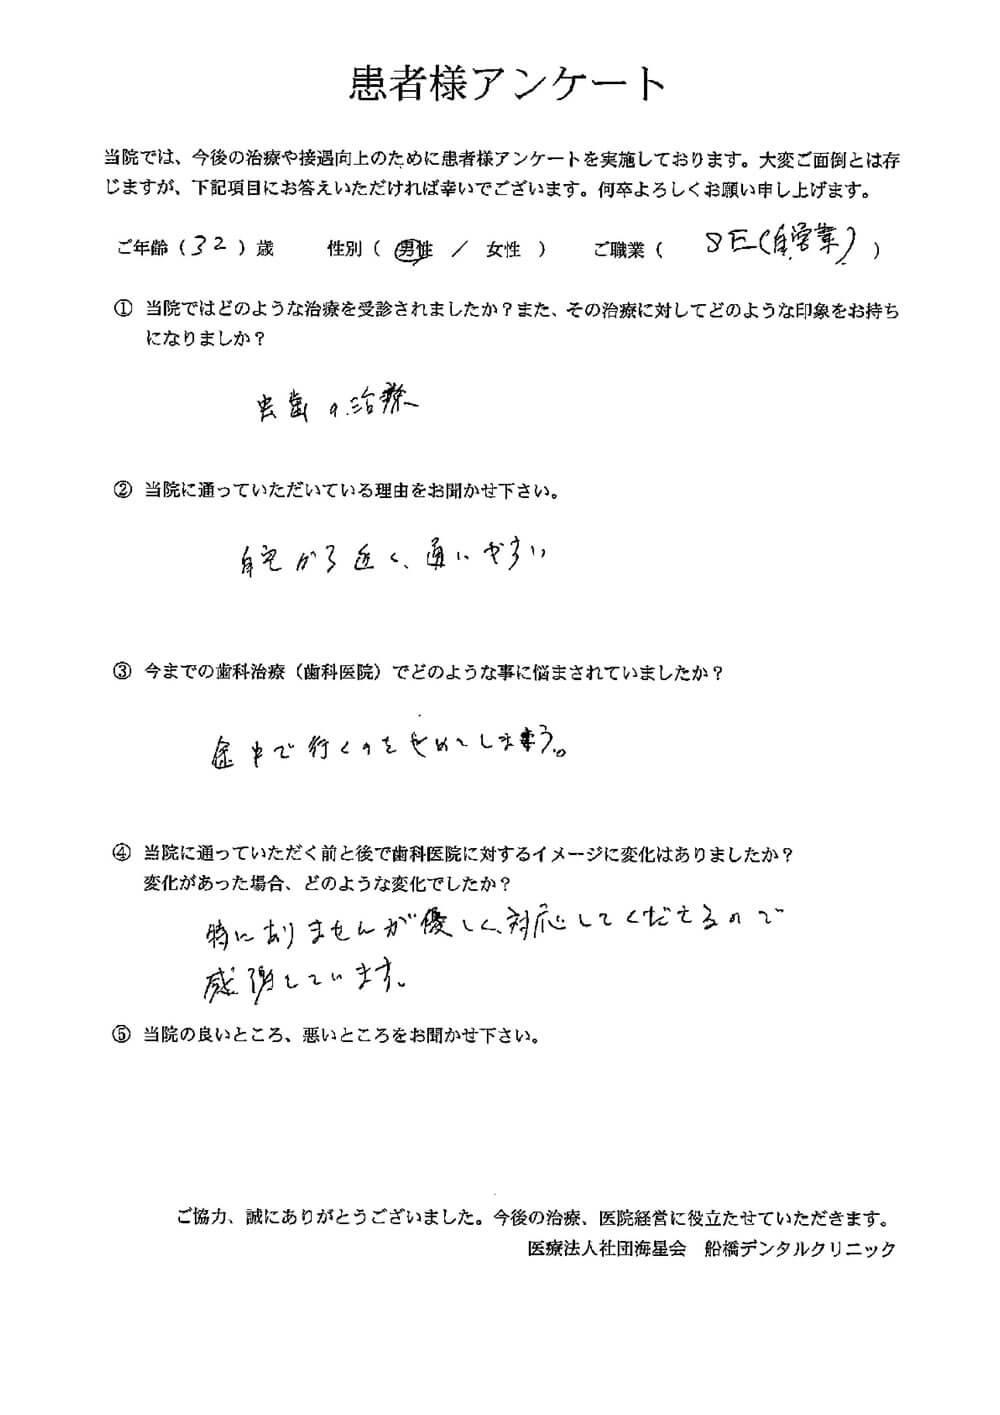 船橋デンタルクリニックの口コミ・評判アンケート8